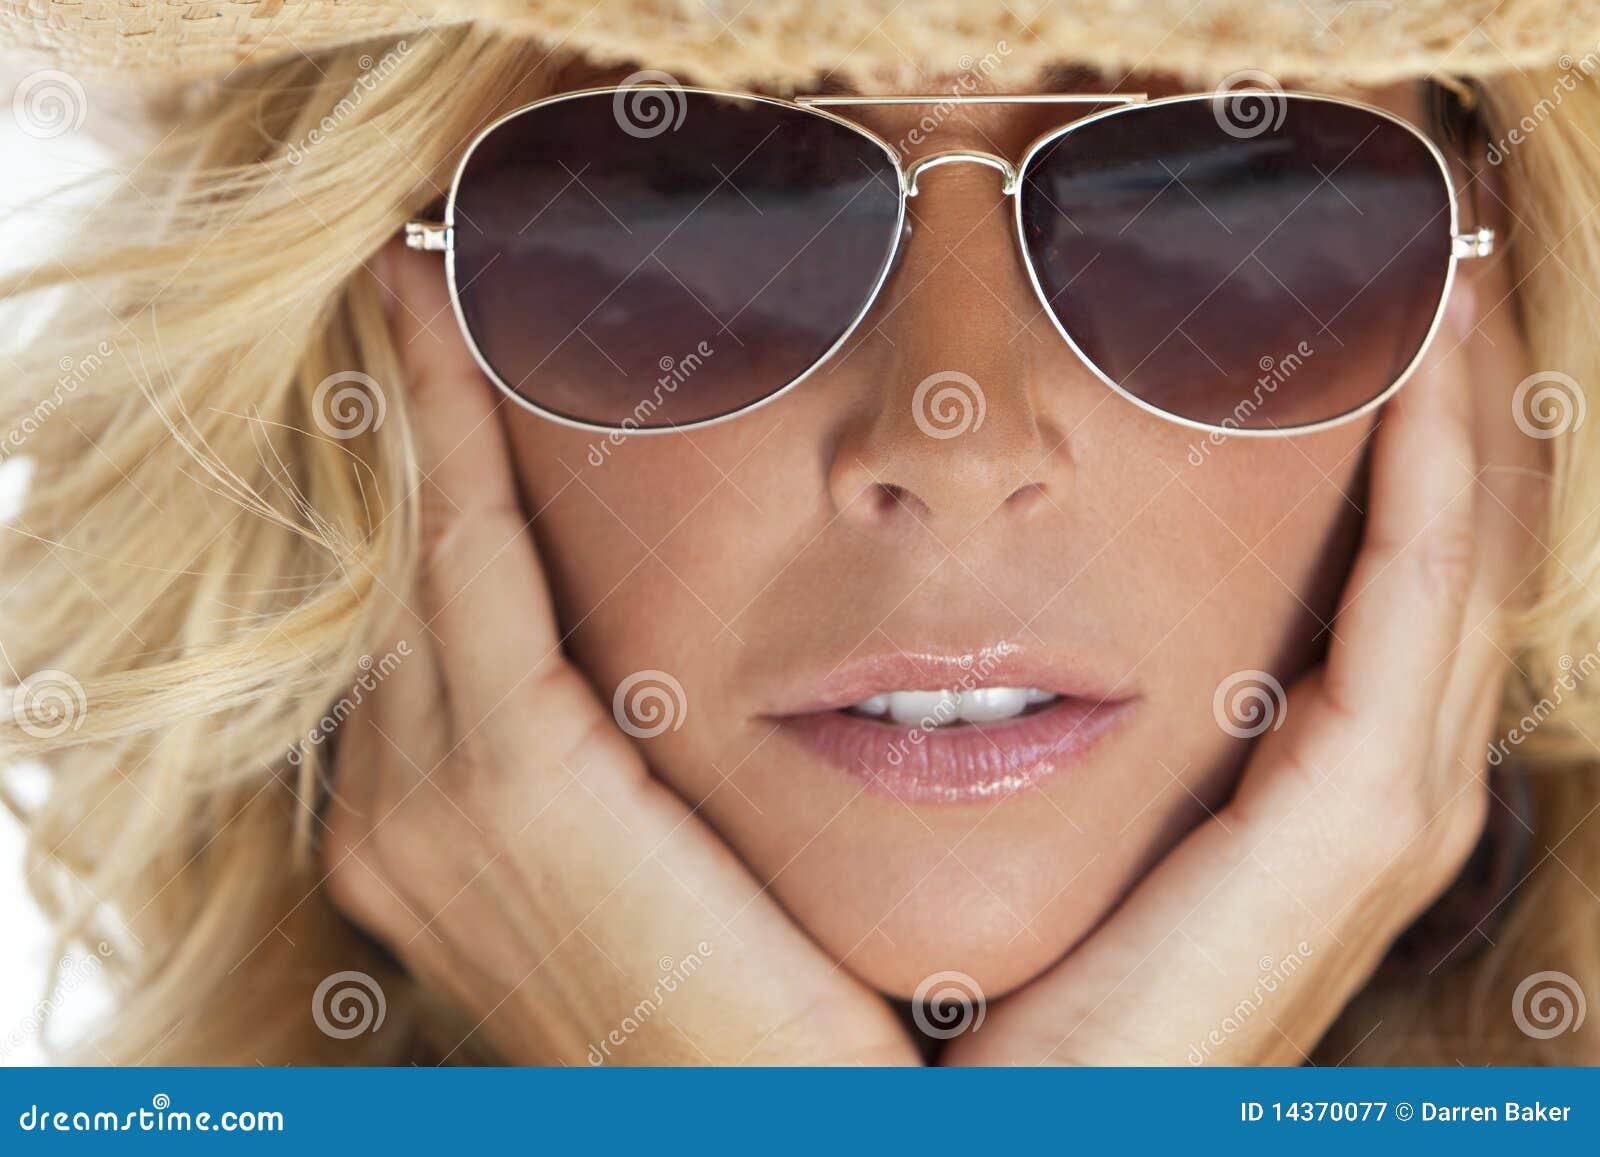 ray ban brille für schmales gesicht